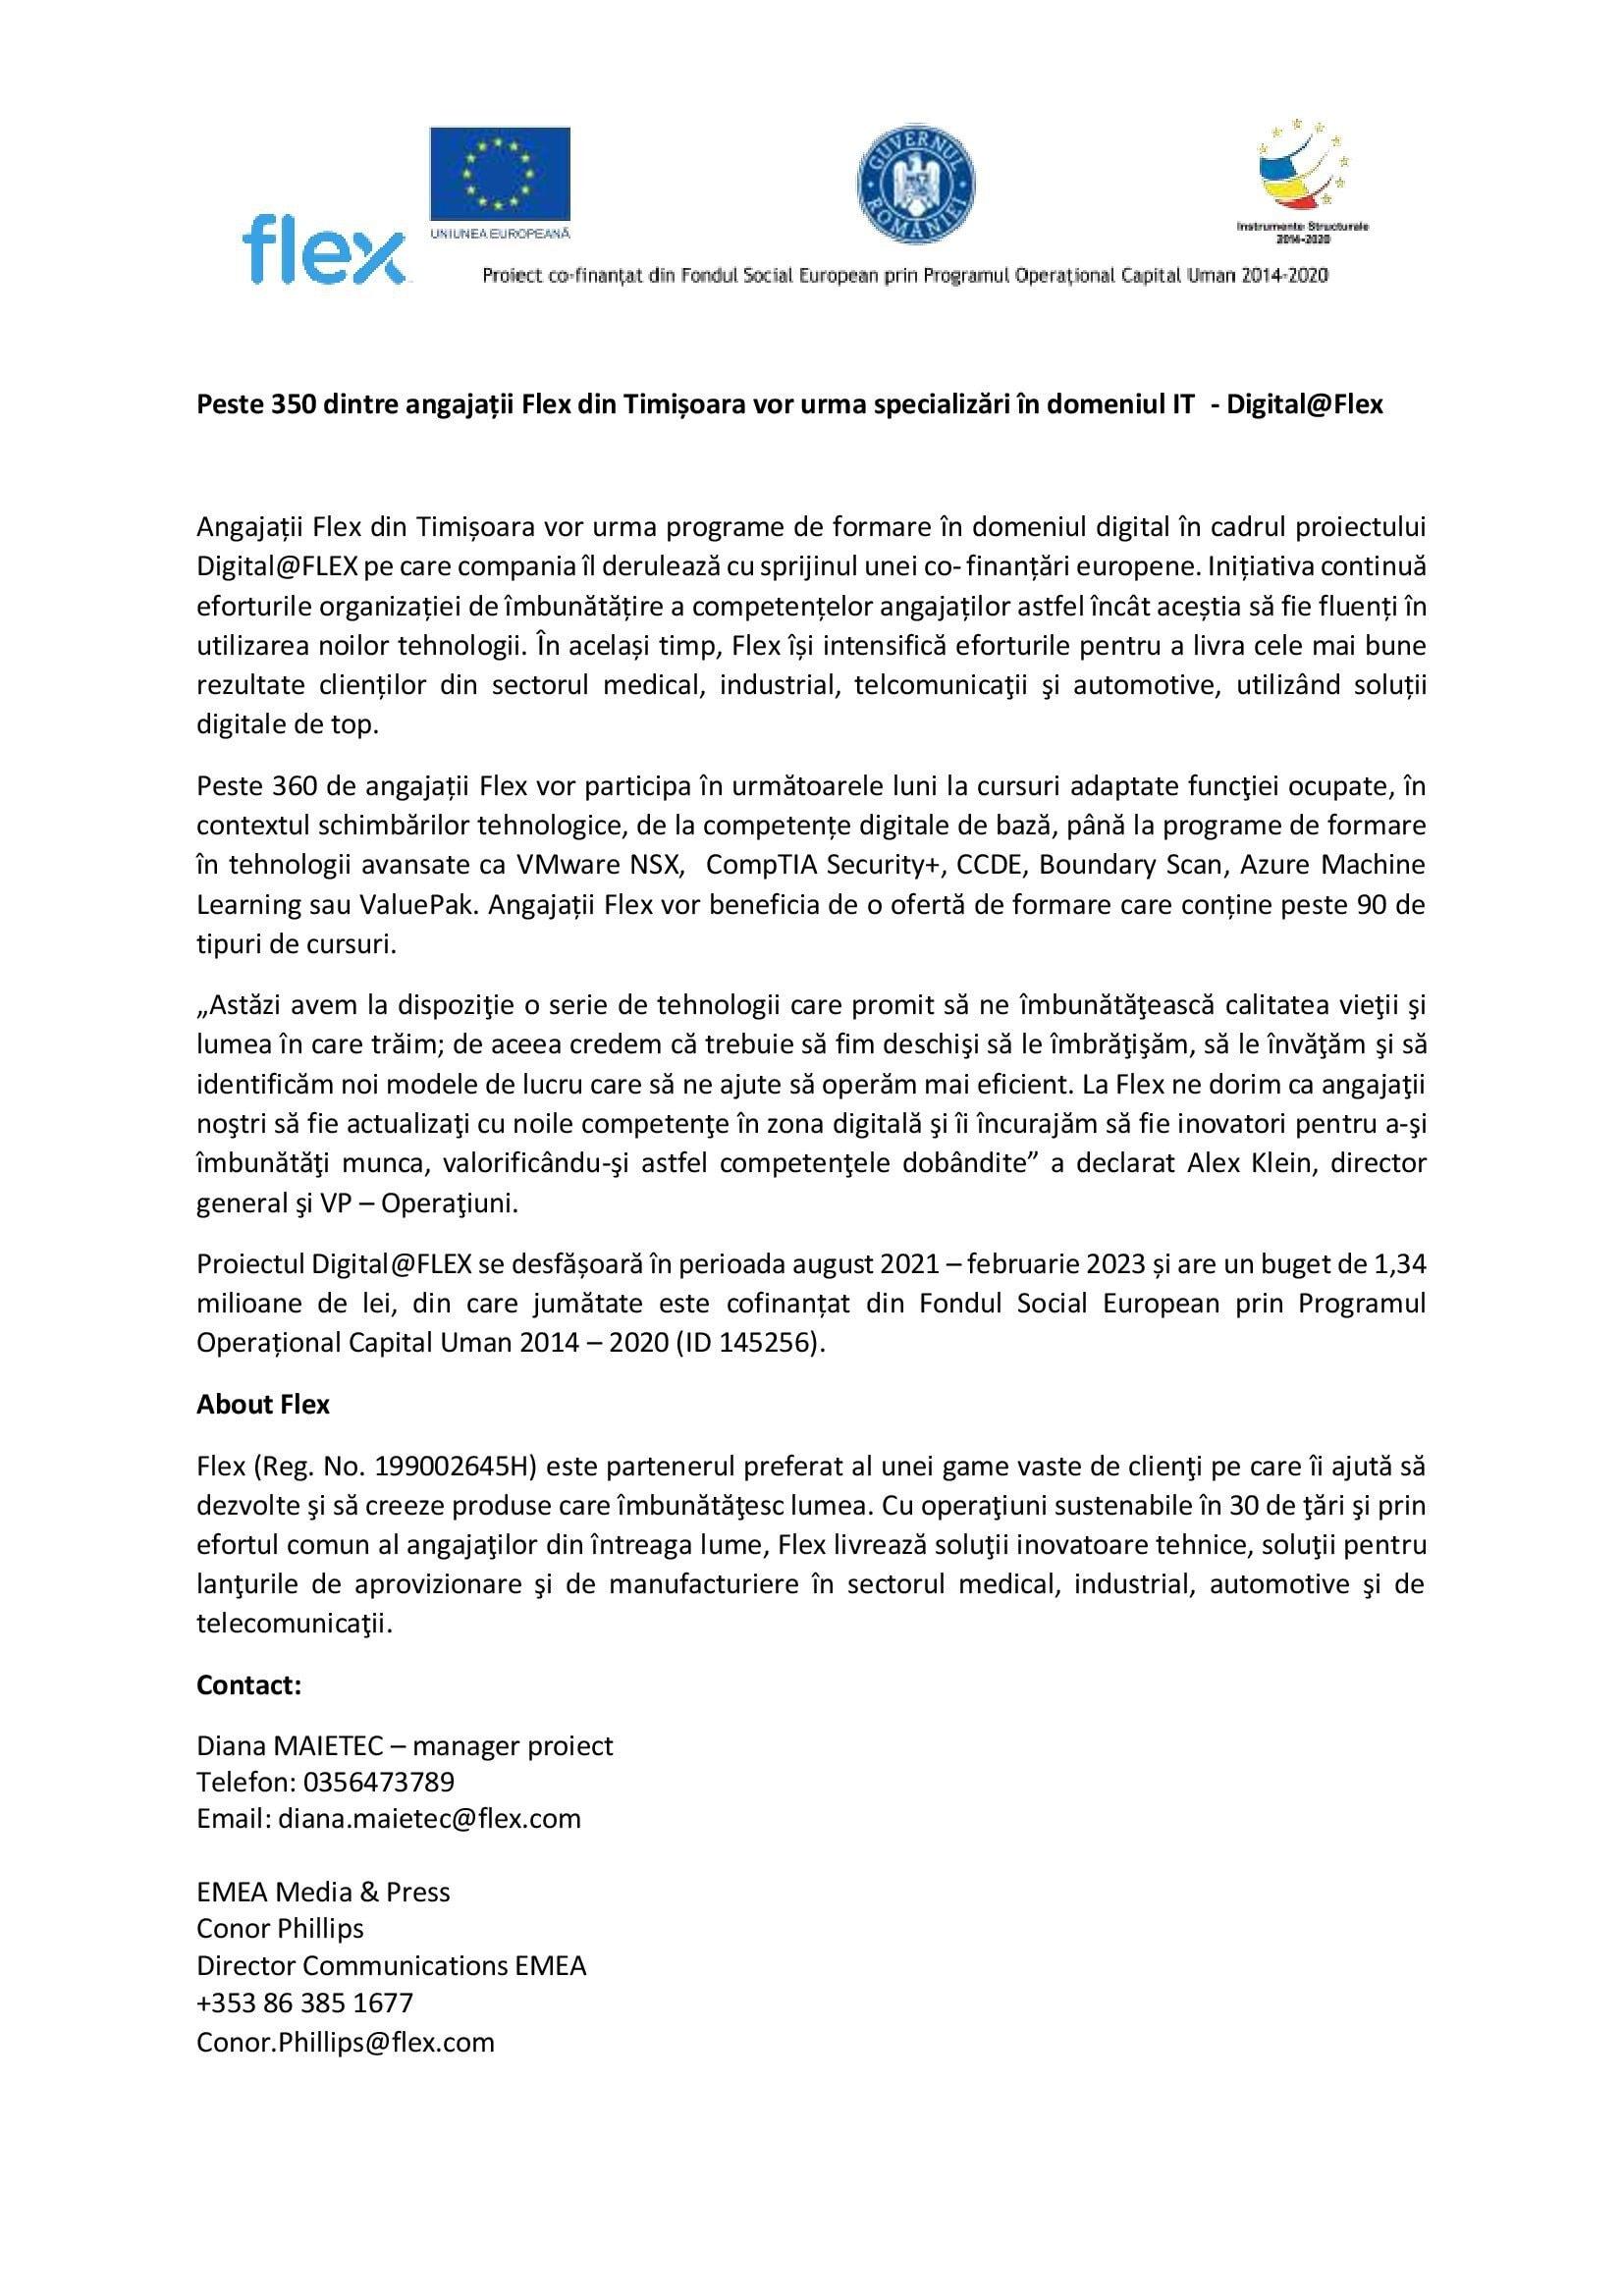 draft comunicat digitalflex fv 00001